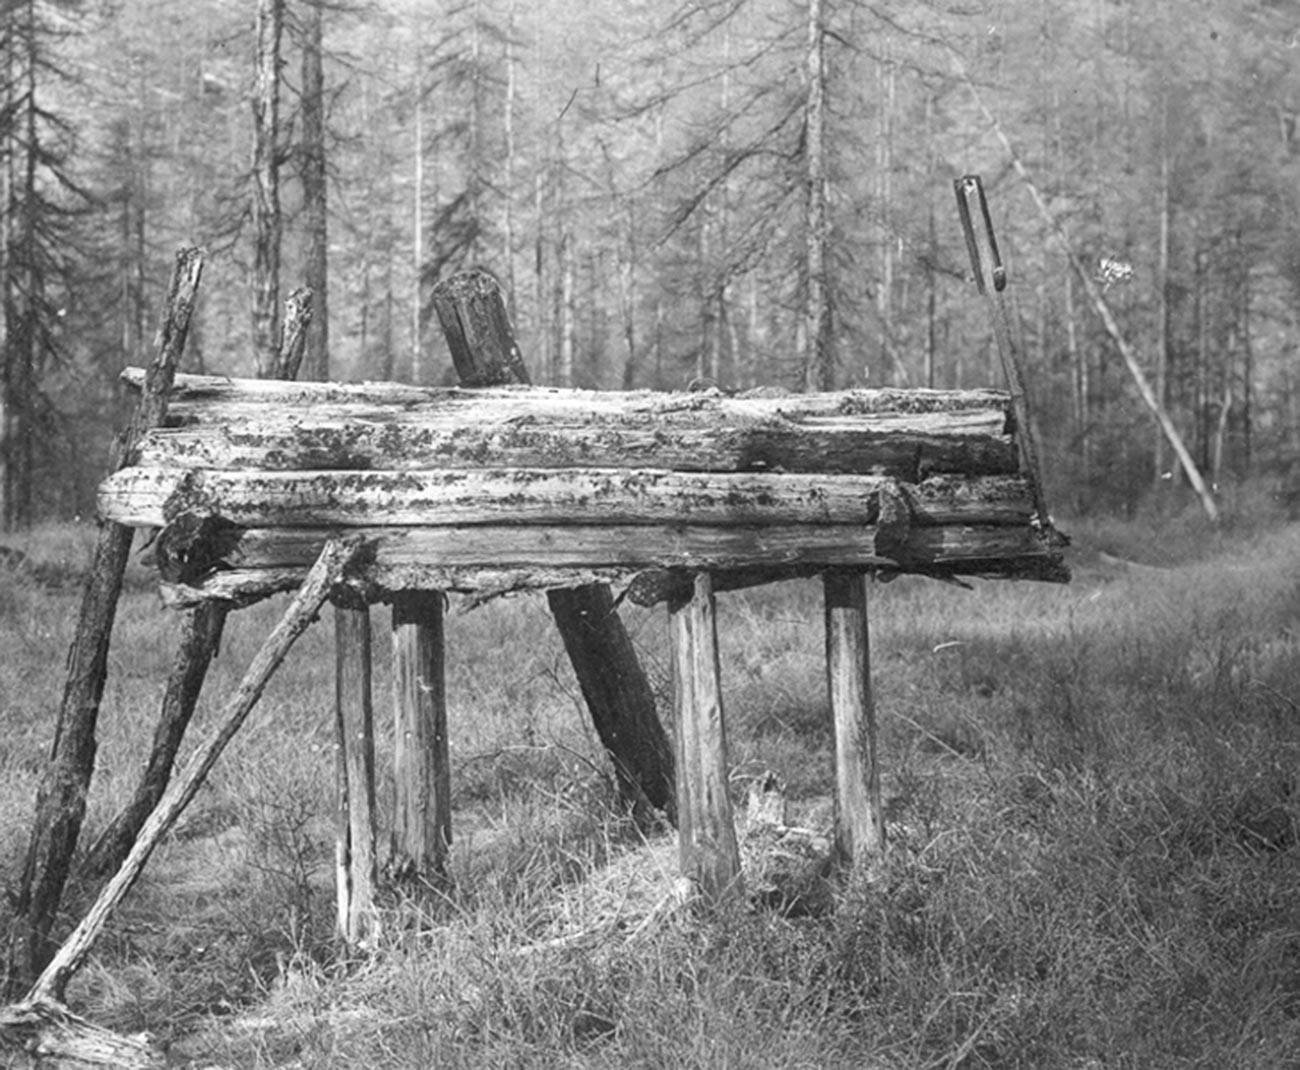 Une sépulture au-dessus du sol trouvée dans une forêt russe